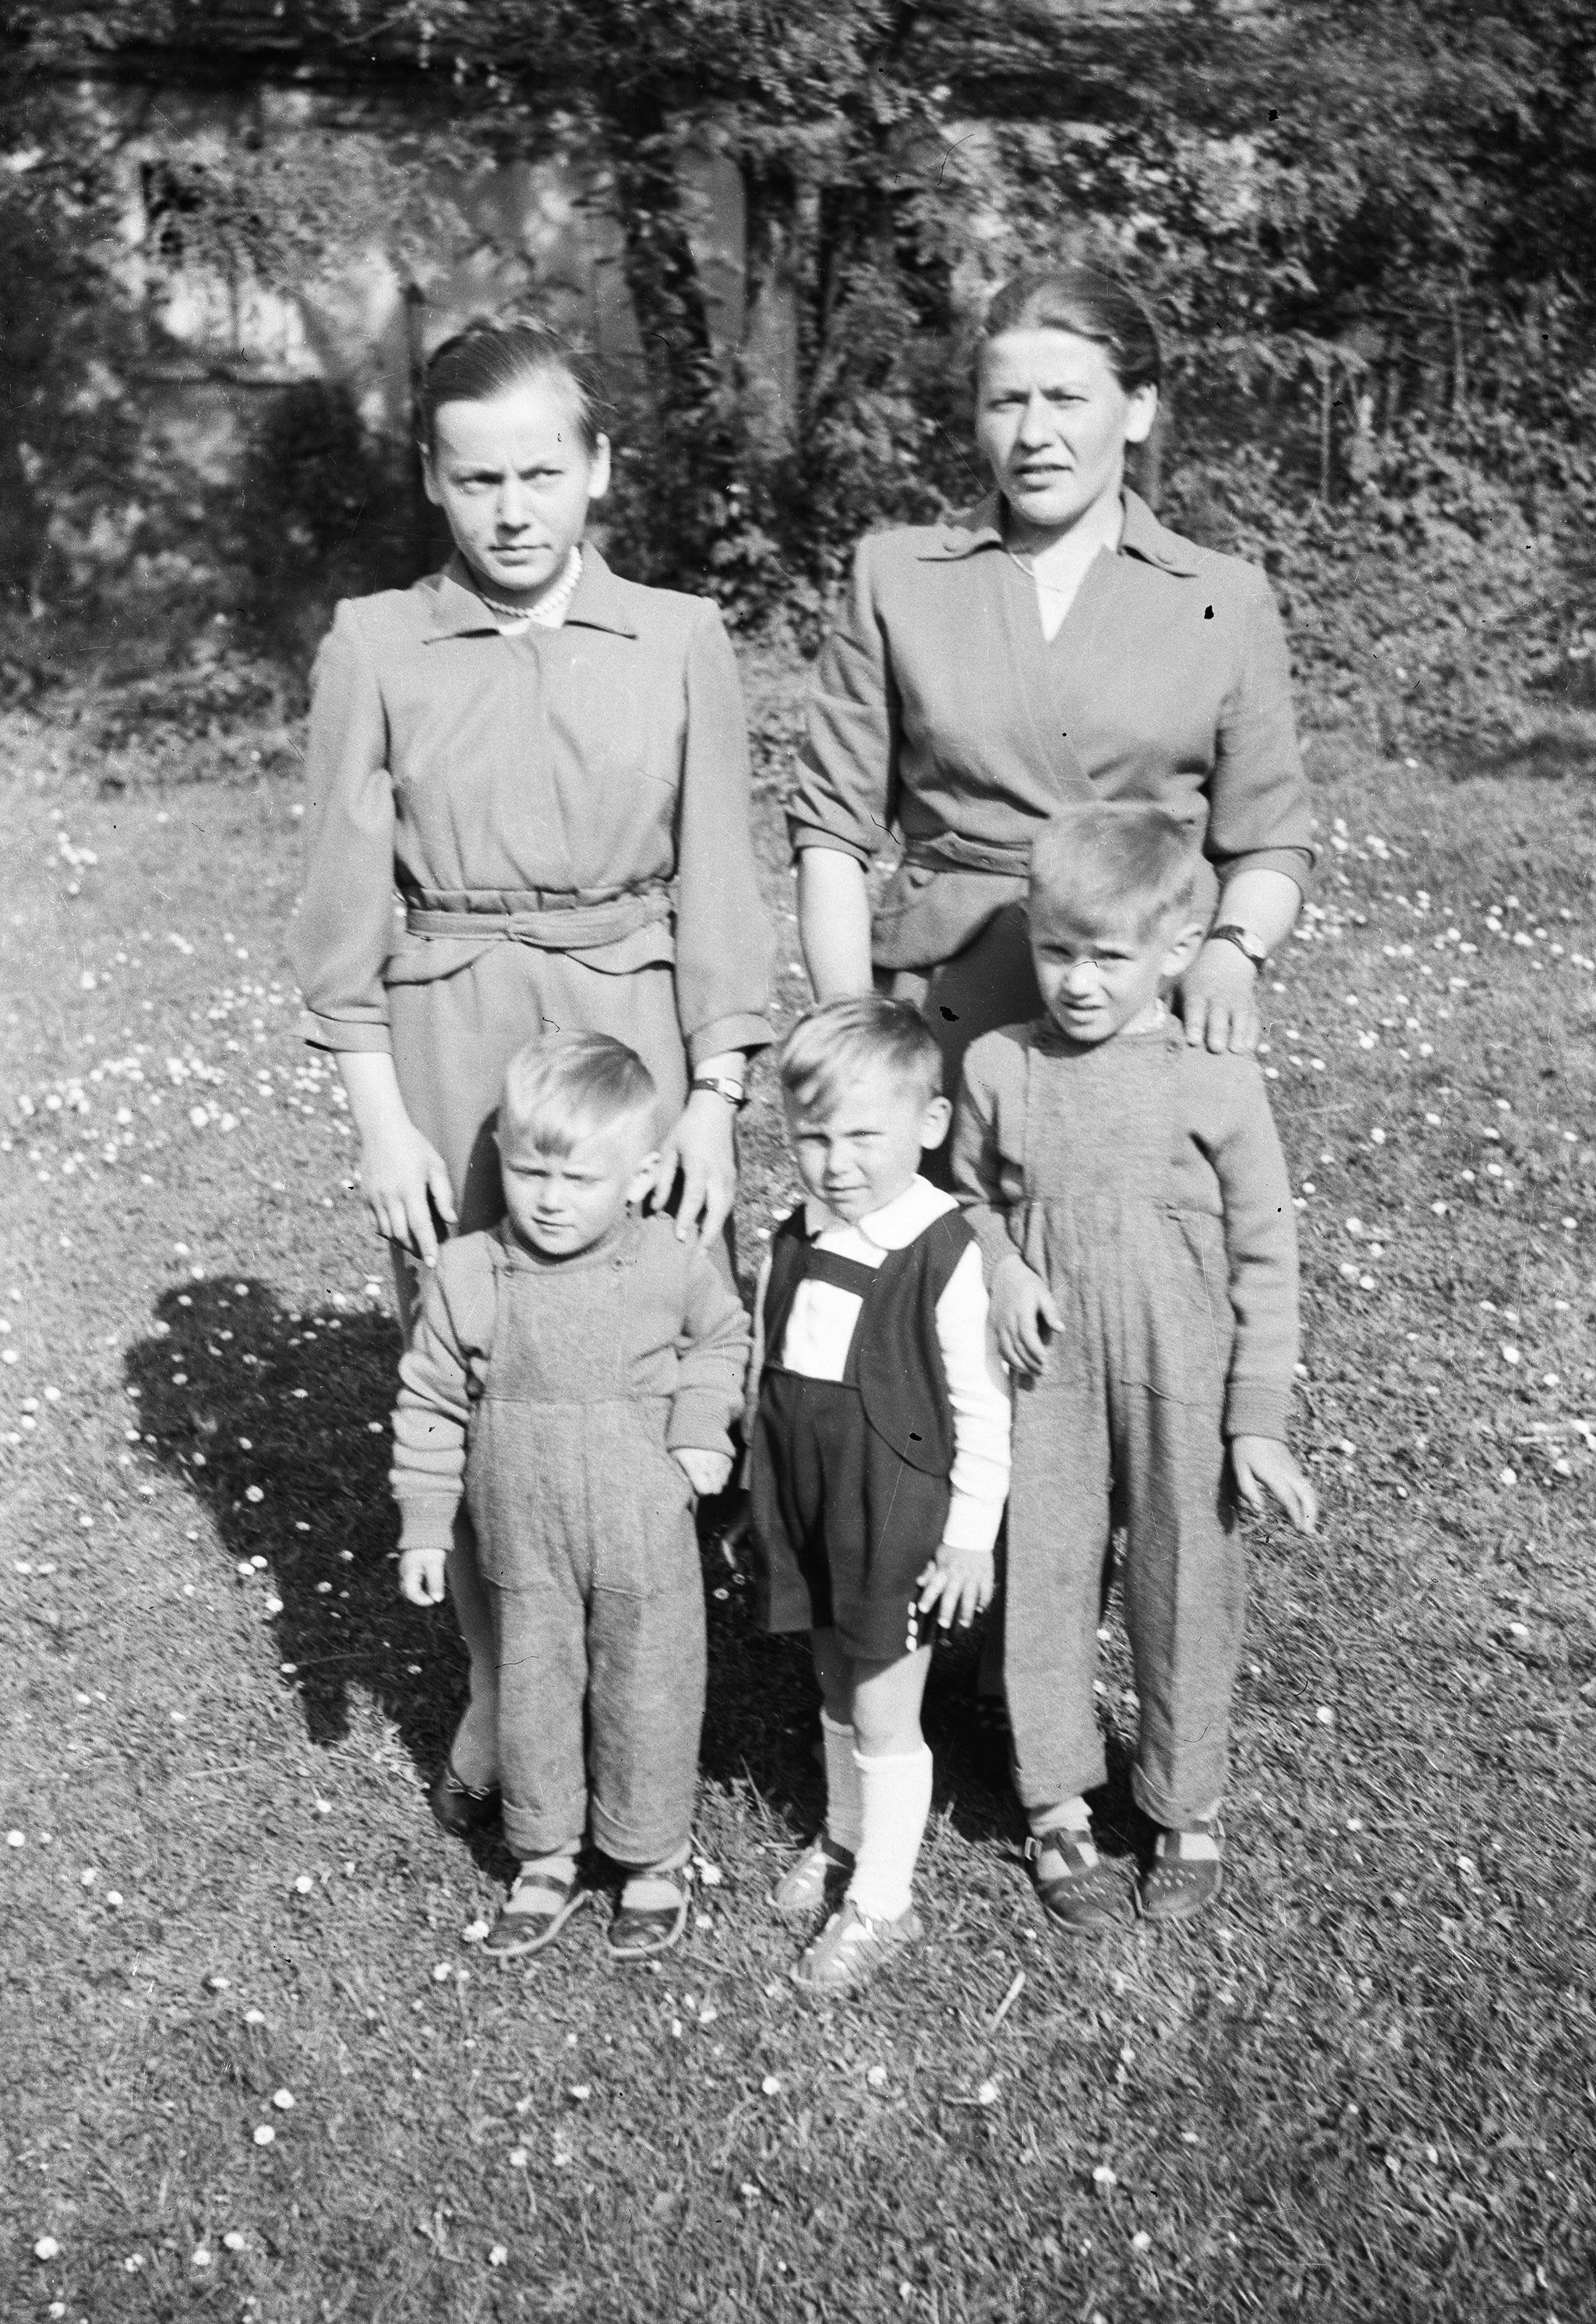 Maria Stępel z dziećmi, Trzcinica Wołowska, Dolny Śląsk, lata 50. XX w.